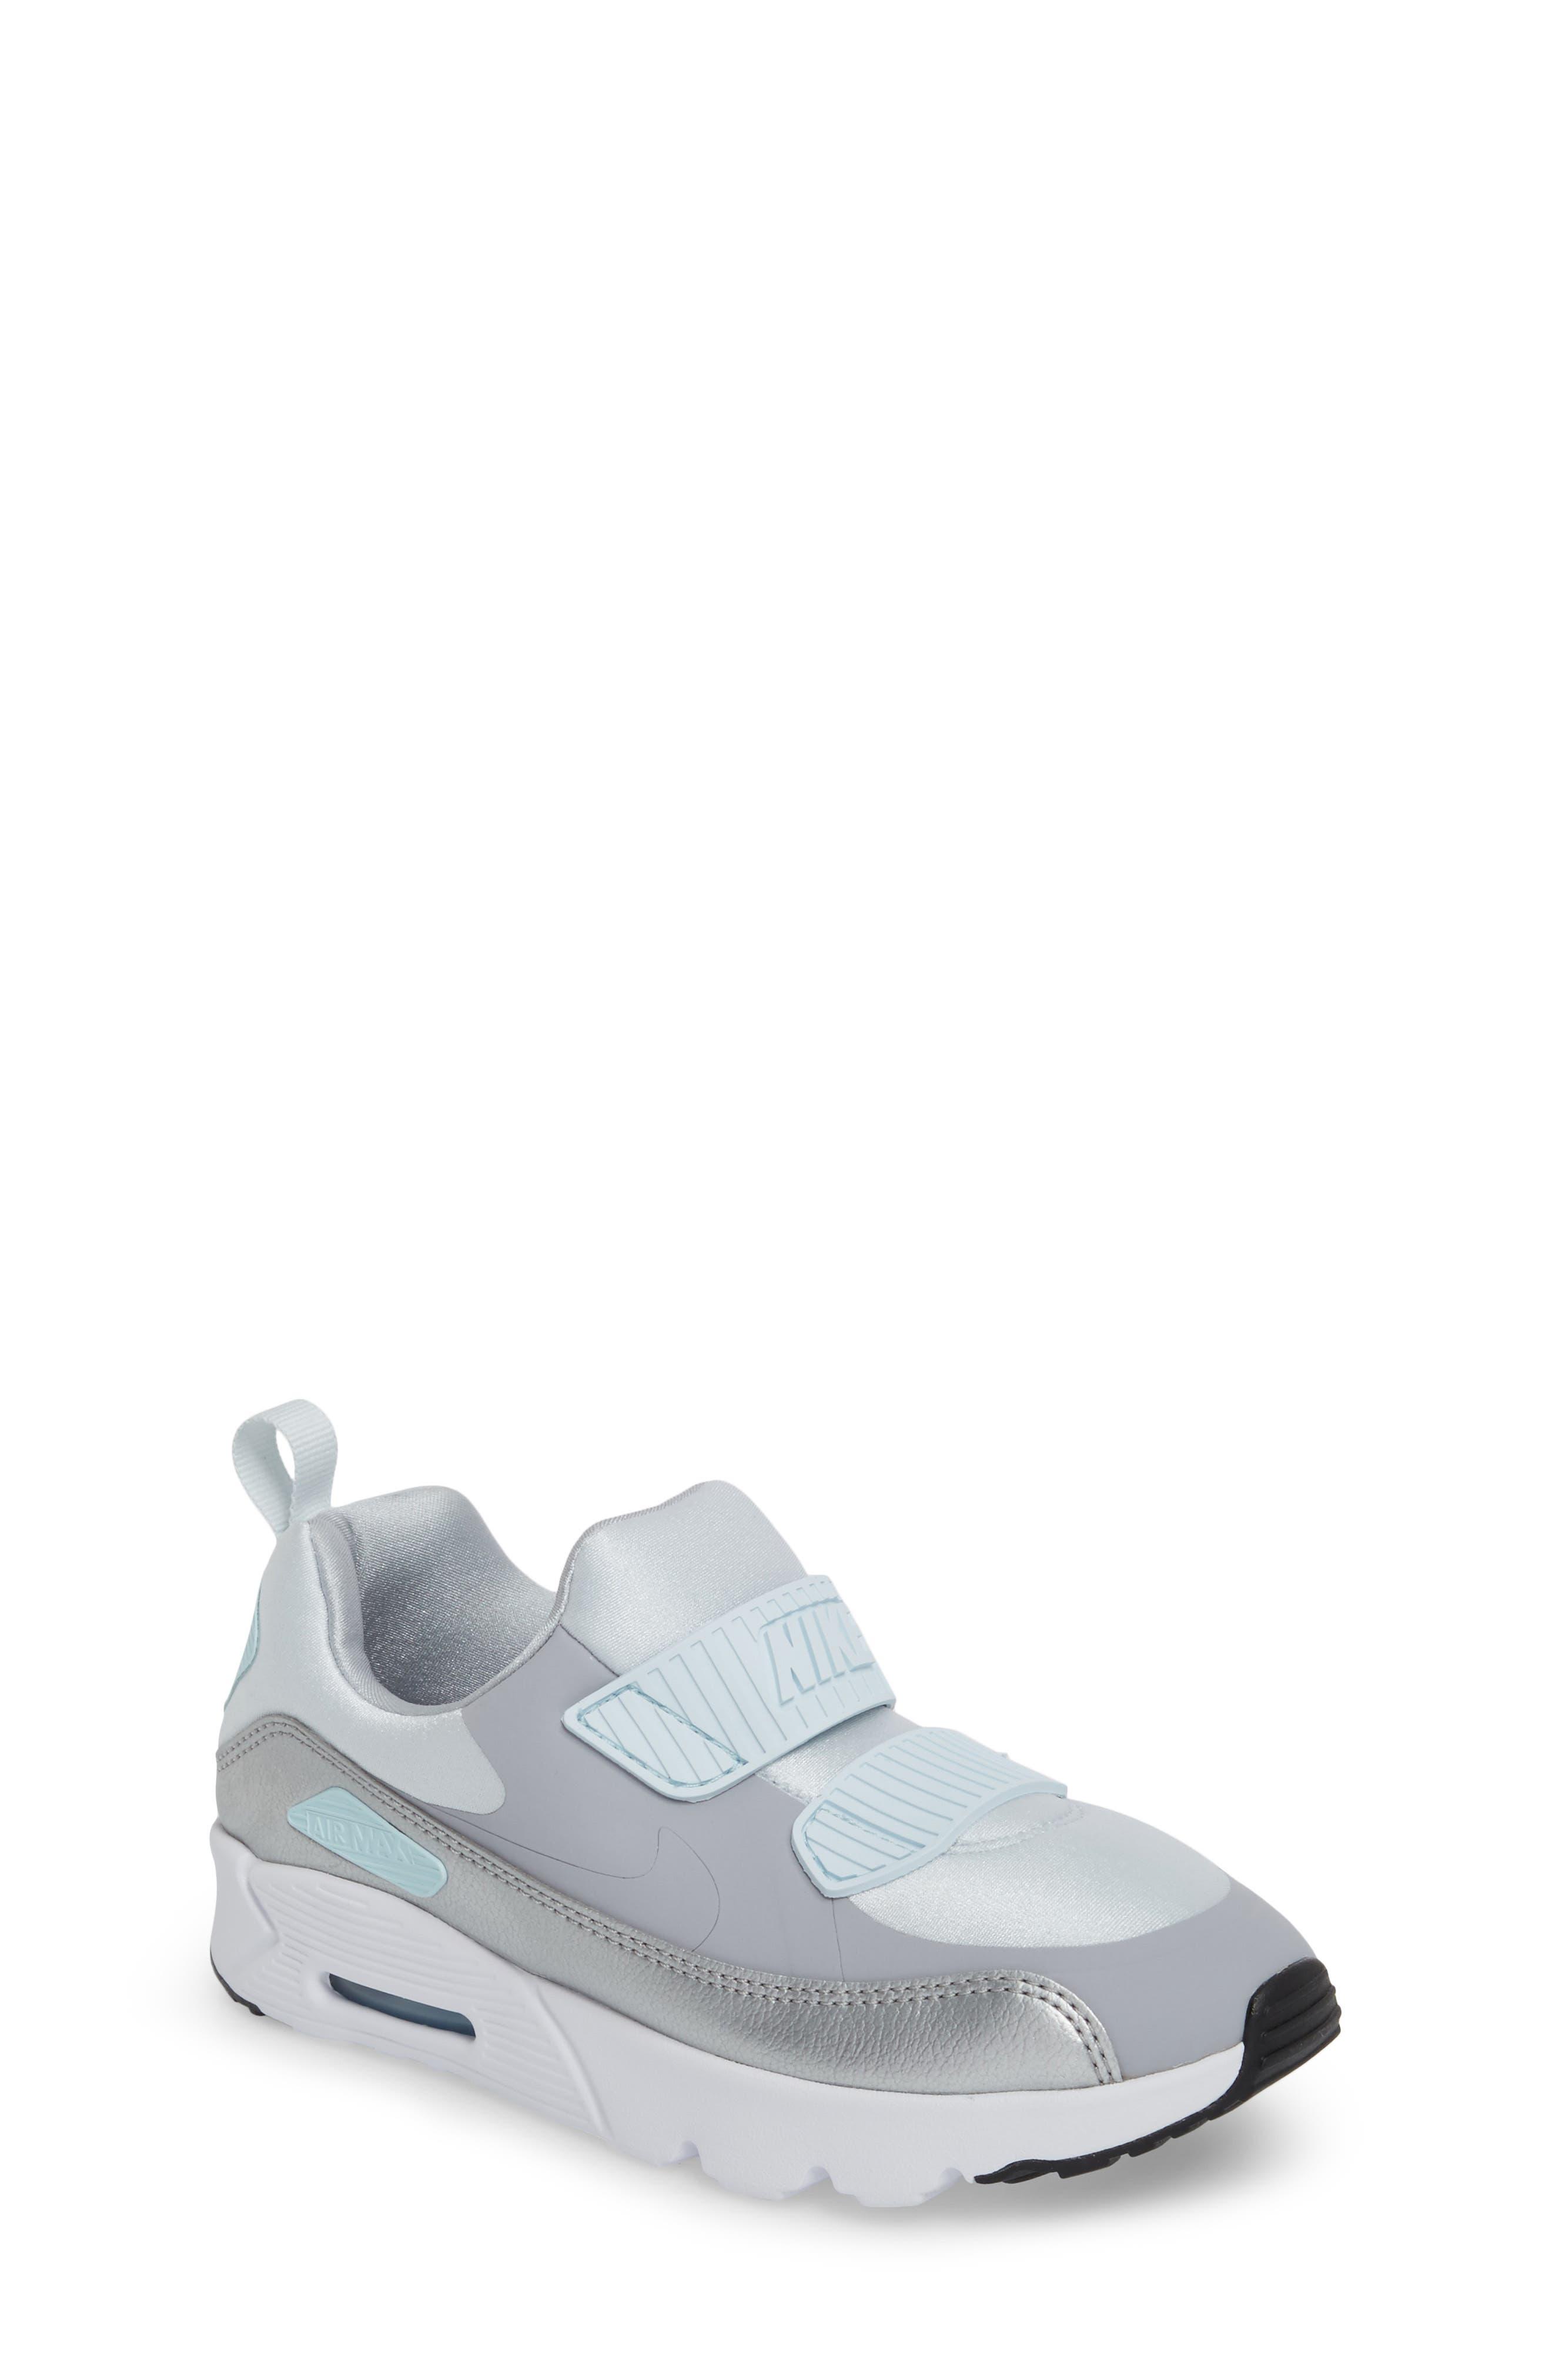 Air Max Tiny 90 Sneaker,                             Main thumbnail 1, color,                             Platinum/ Grey/ Silver